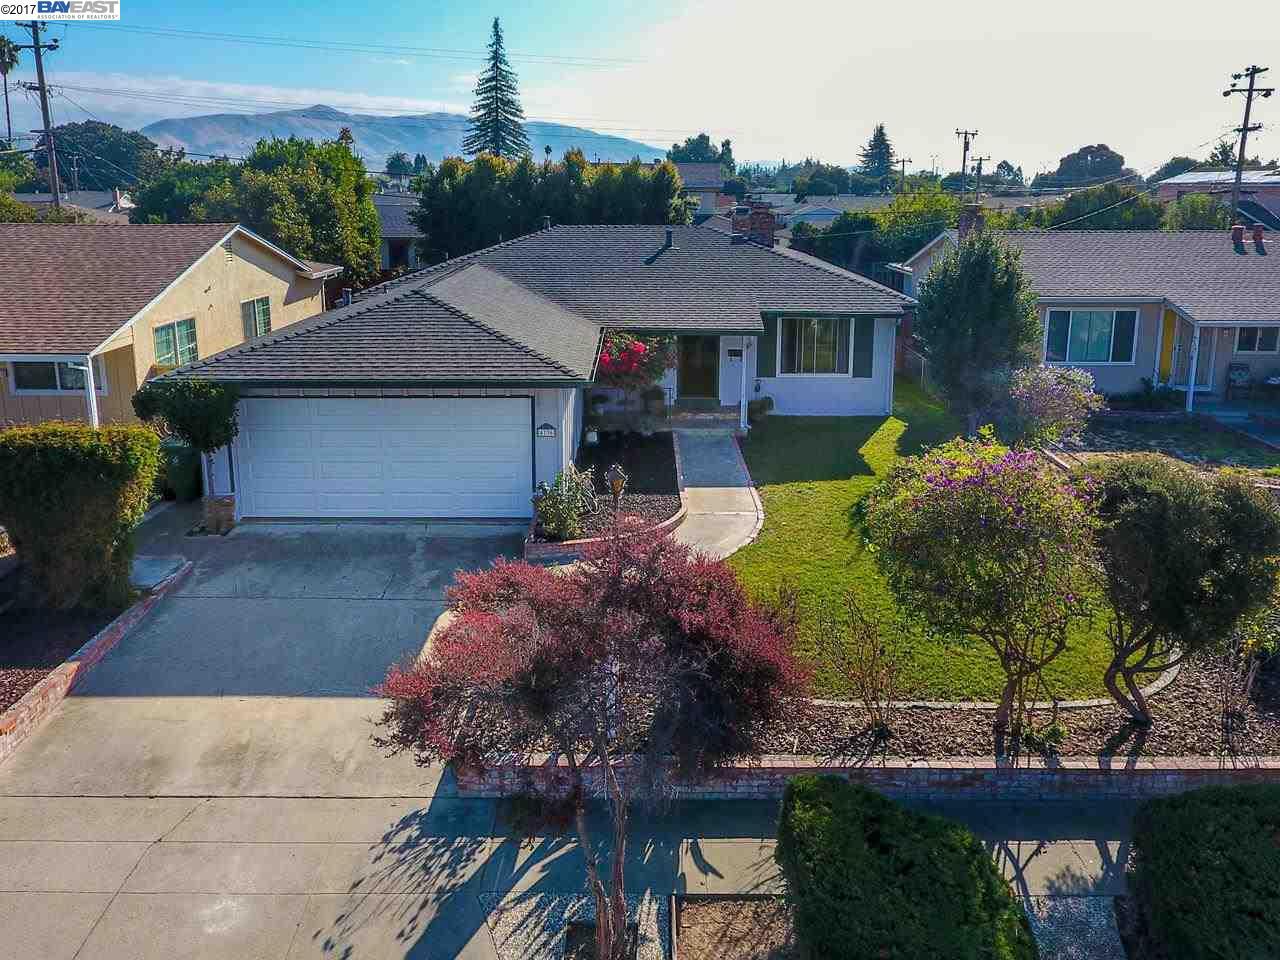 Maison unifamiliale pour l Vente à 4736 Ridpath Street 4736 Ridpath Street Fremont, Californie 94538 États-Unis